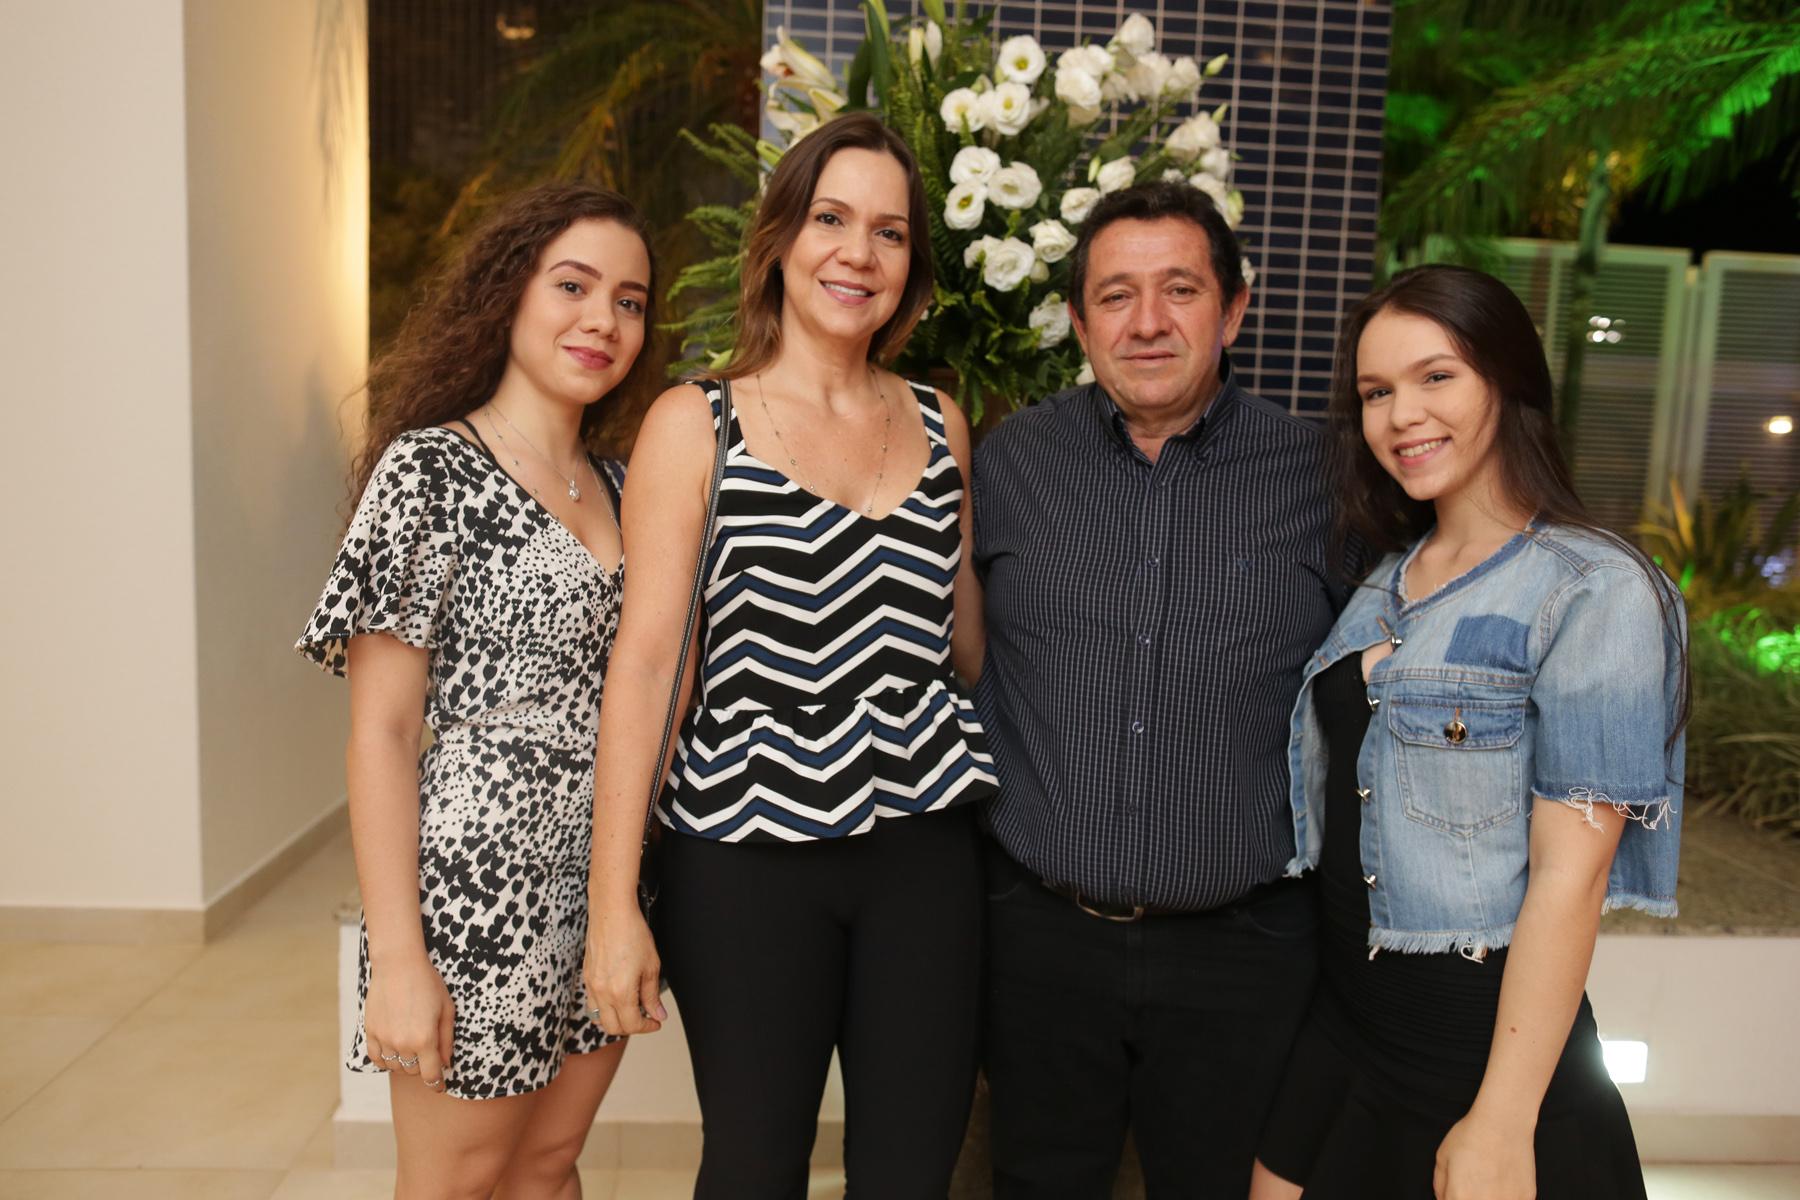 Roberto Tonial e esposa Erica com filhas Roberta e Gabriela.